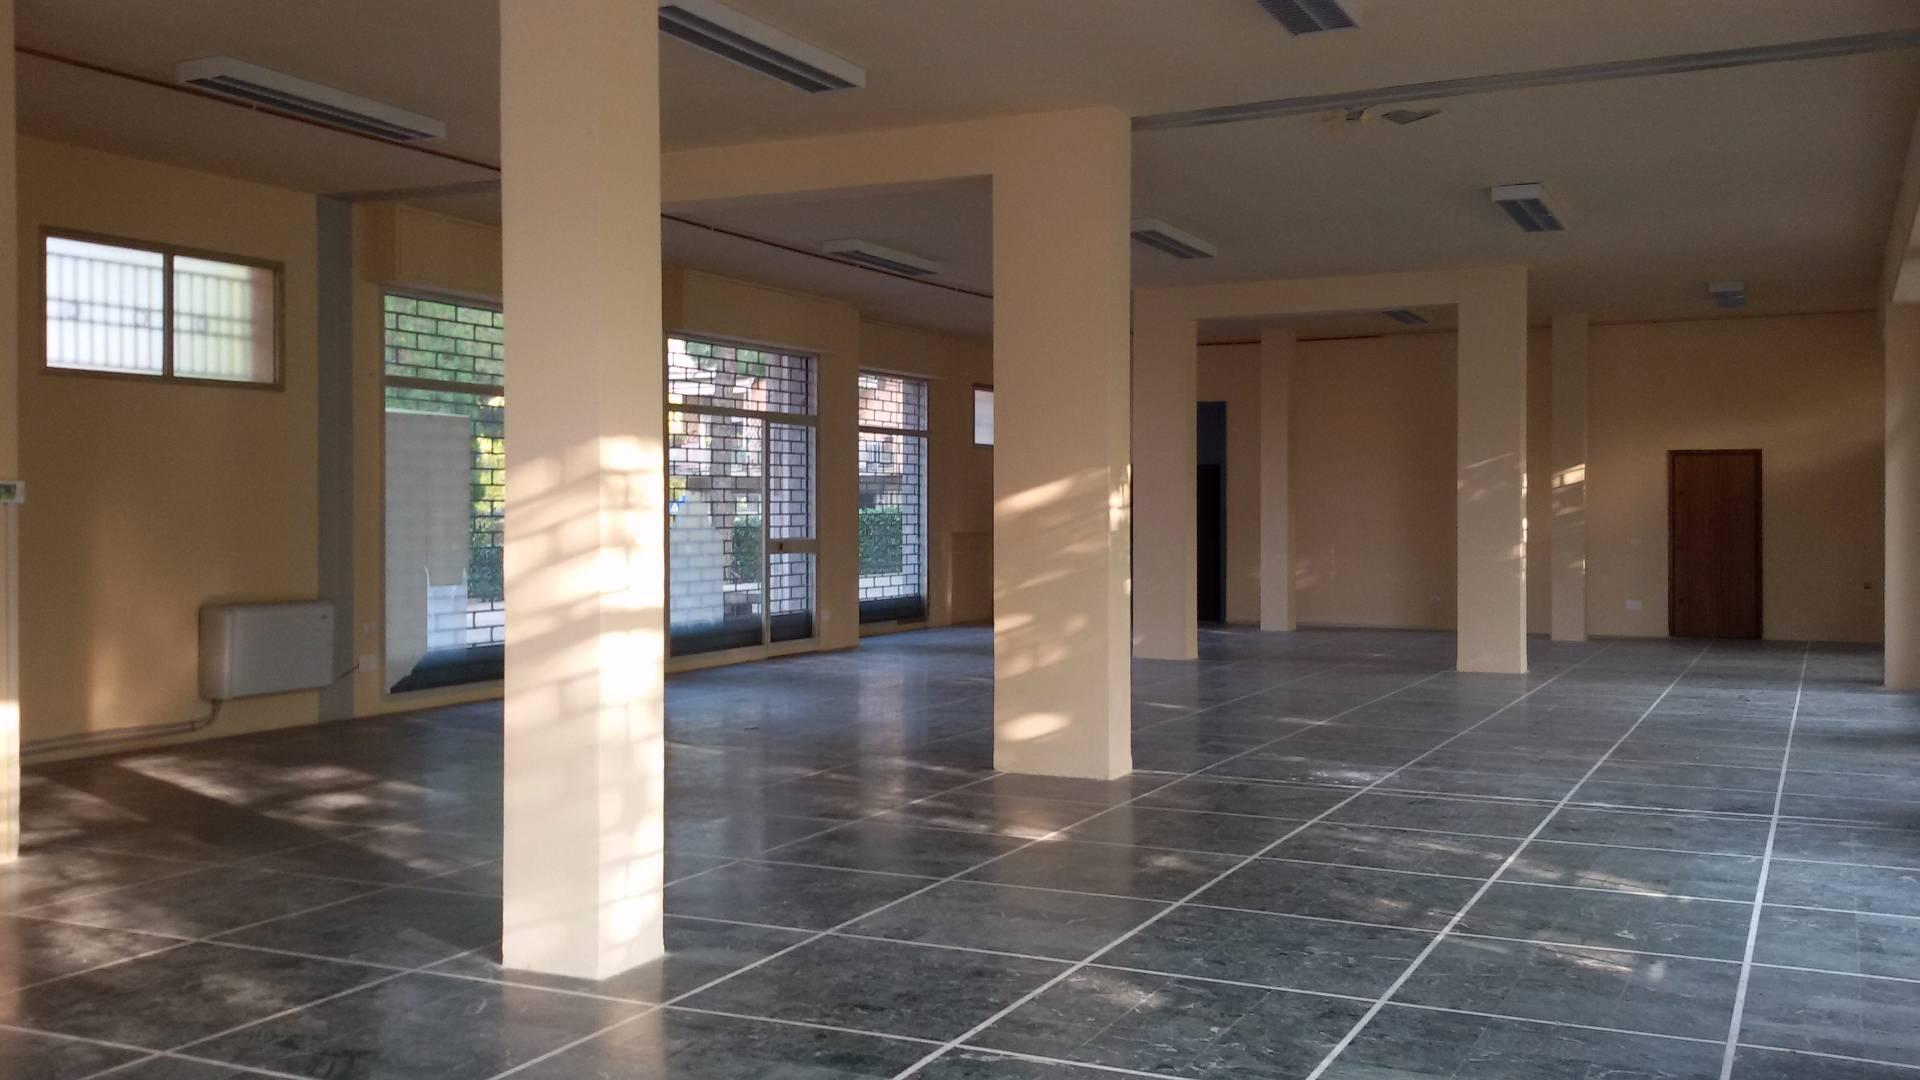 Attività / Licenza in affitto a Faenza, 9999 locali, zona Località: CENTRO, prezzo € 1.500 | Cambio Casa.it